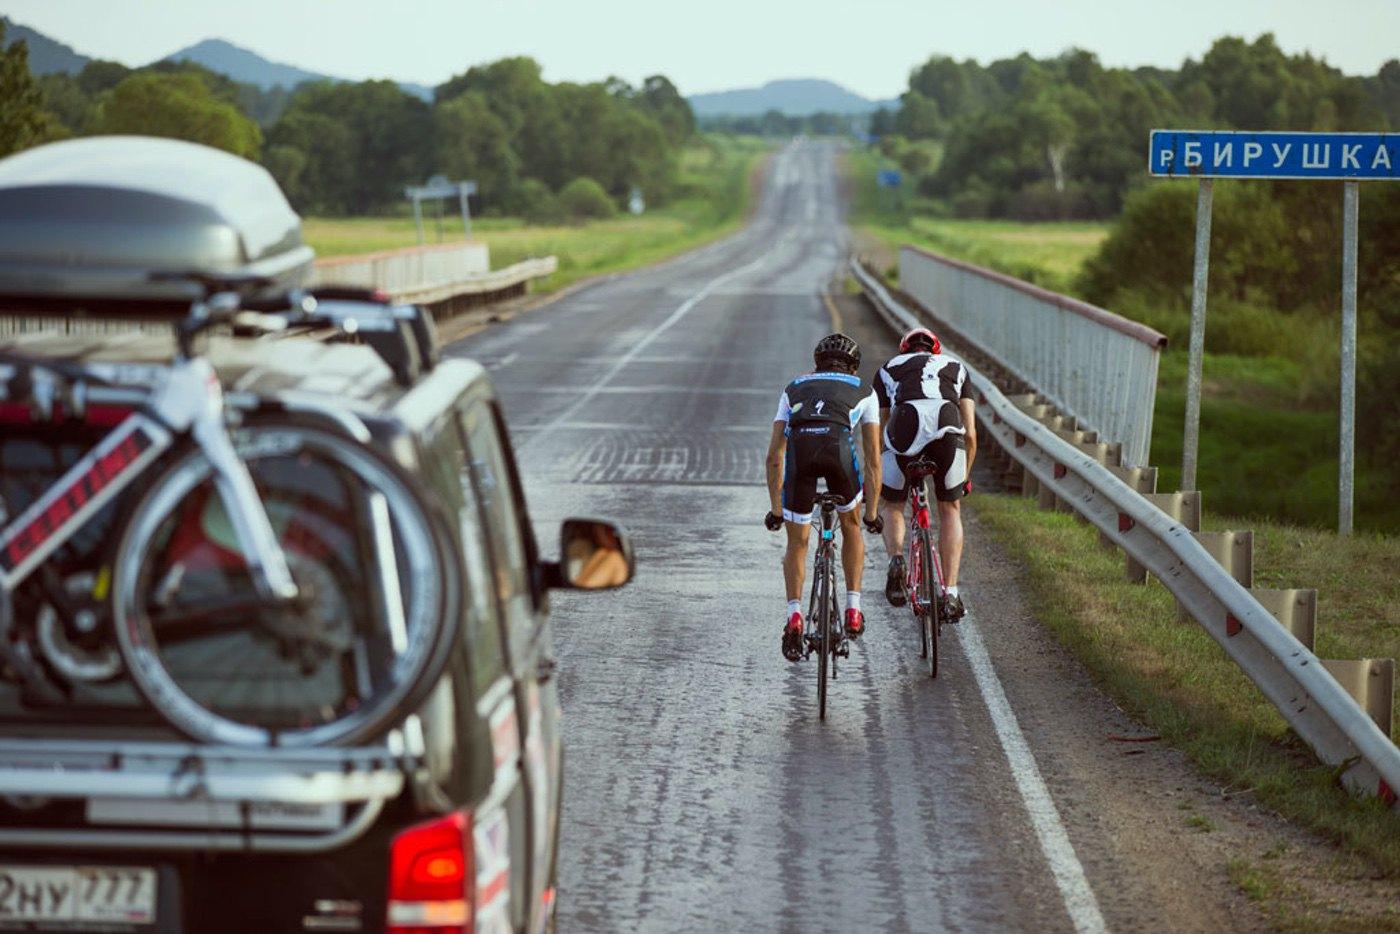 Si circulas por carretera, tarde o temprano tendrás que interactuar con los coches, hacerlo de una manera cívica y responsable te va a evitar muchos disgustos.